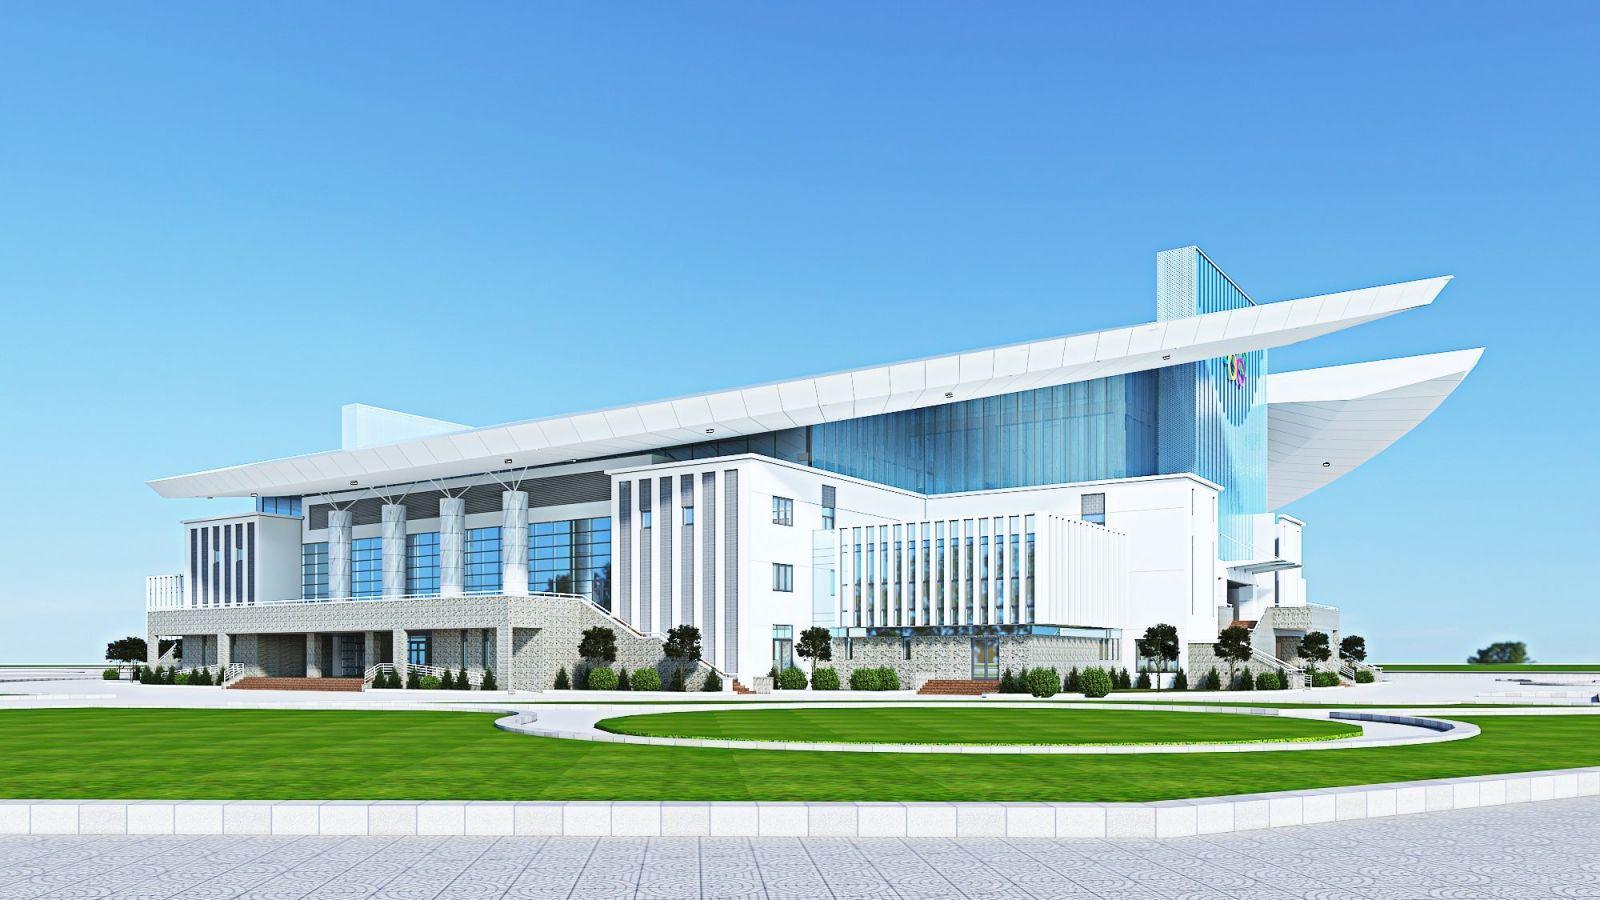 Dự án Khu cây xanh Thể dục Thể thao huyện Đông Anh – Hạng mục nhà thi đấu.